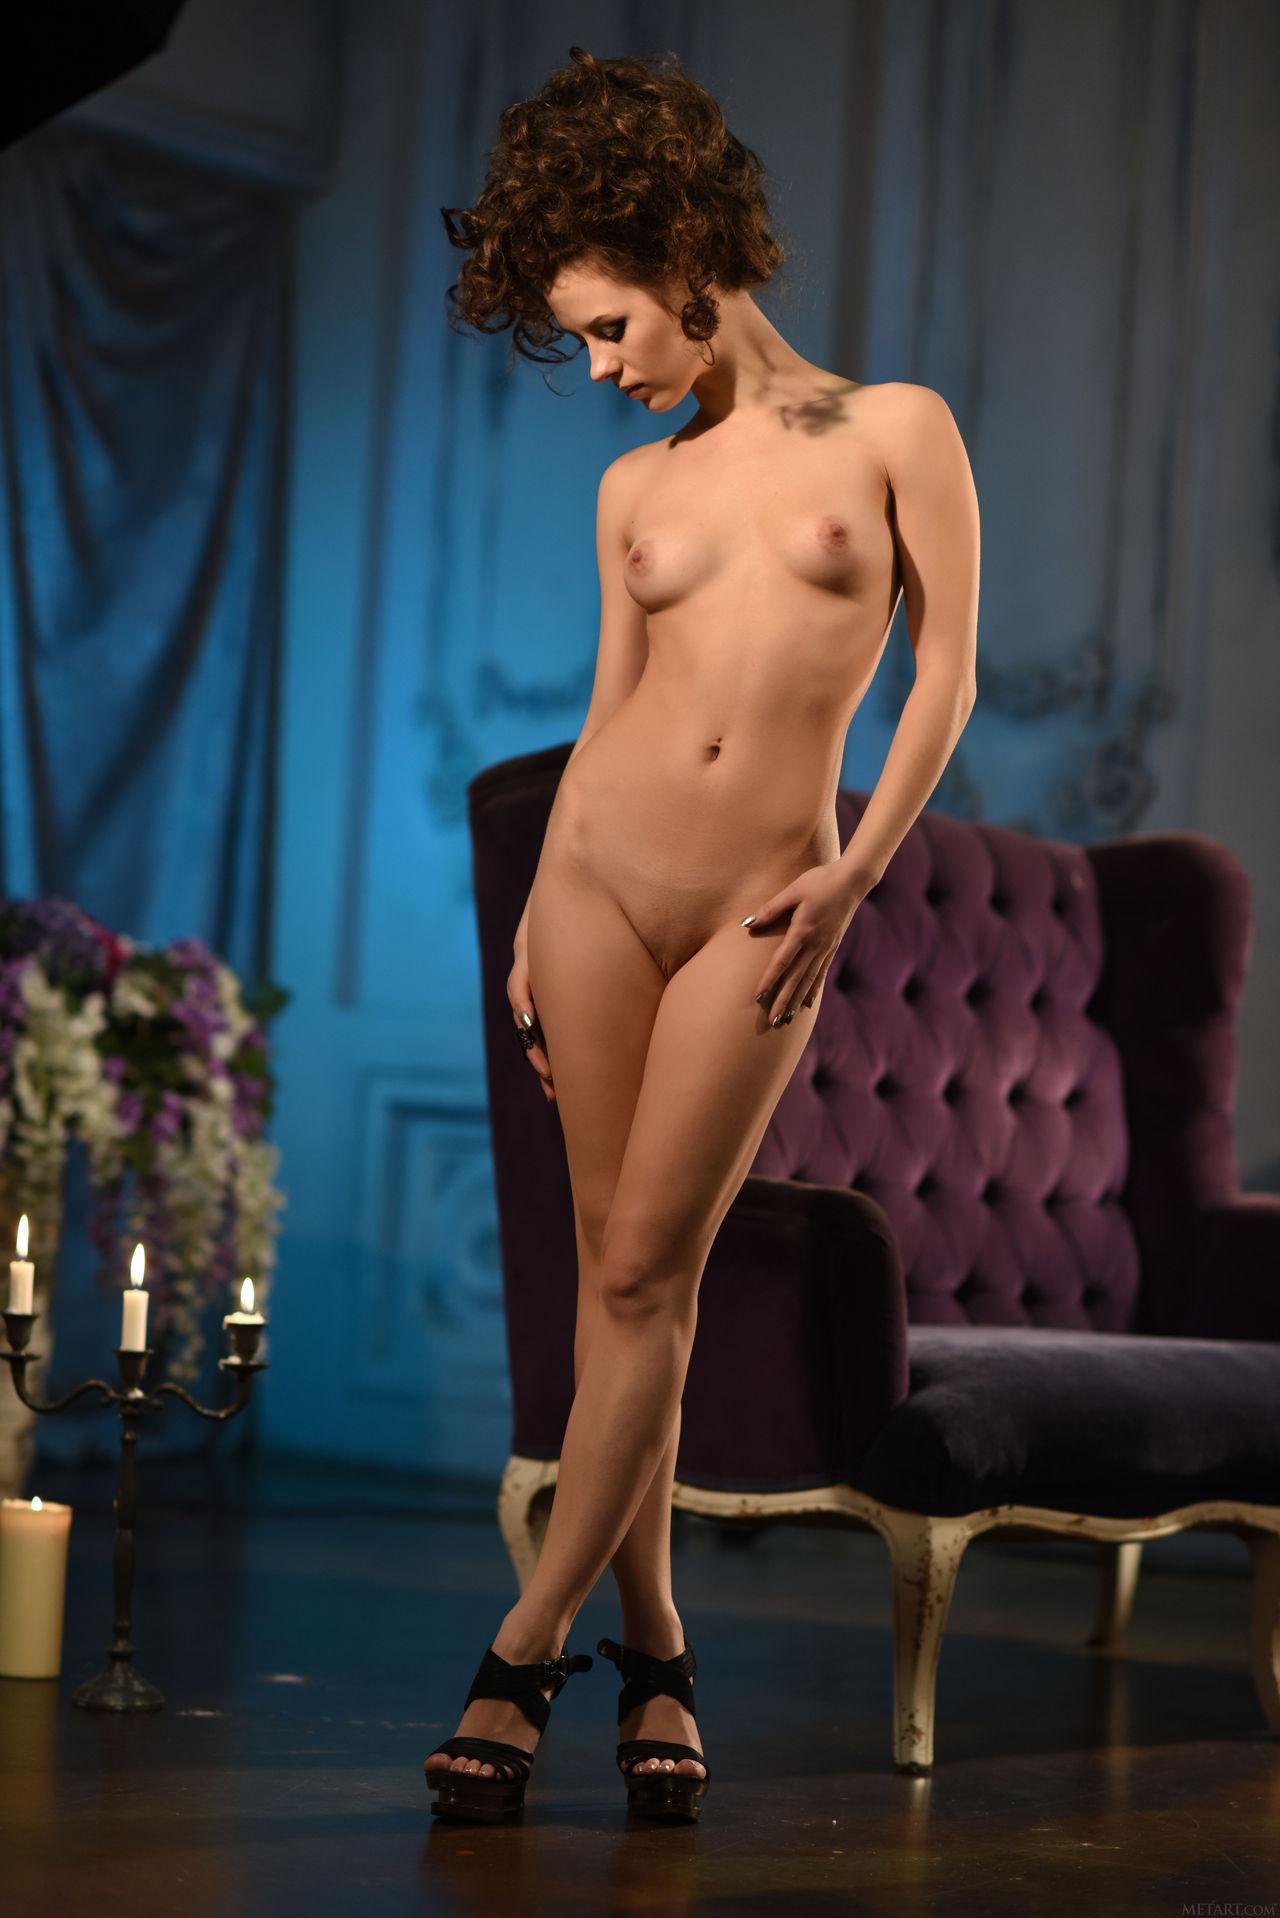 Prima nudes